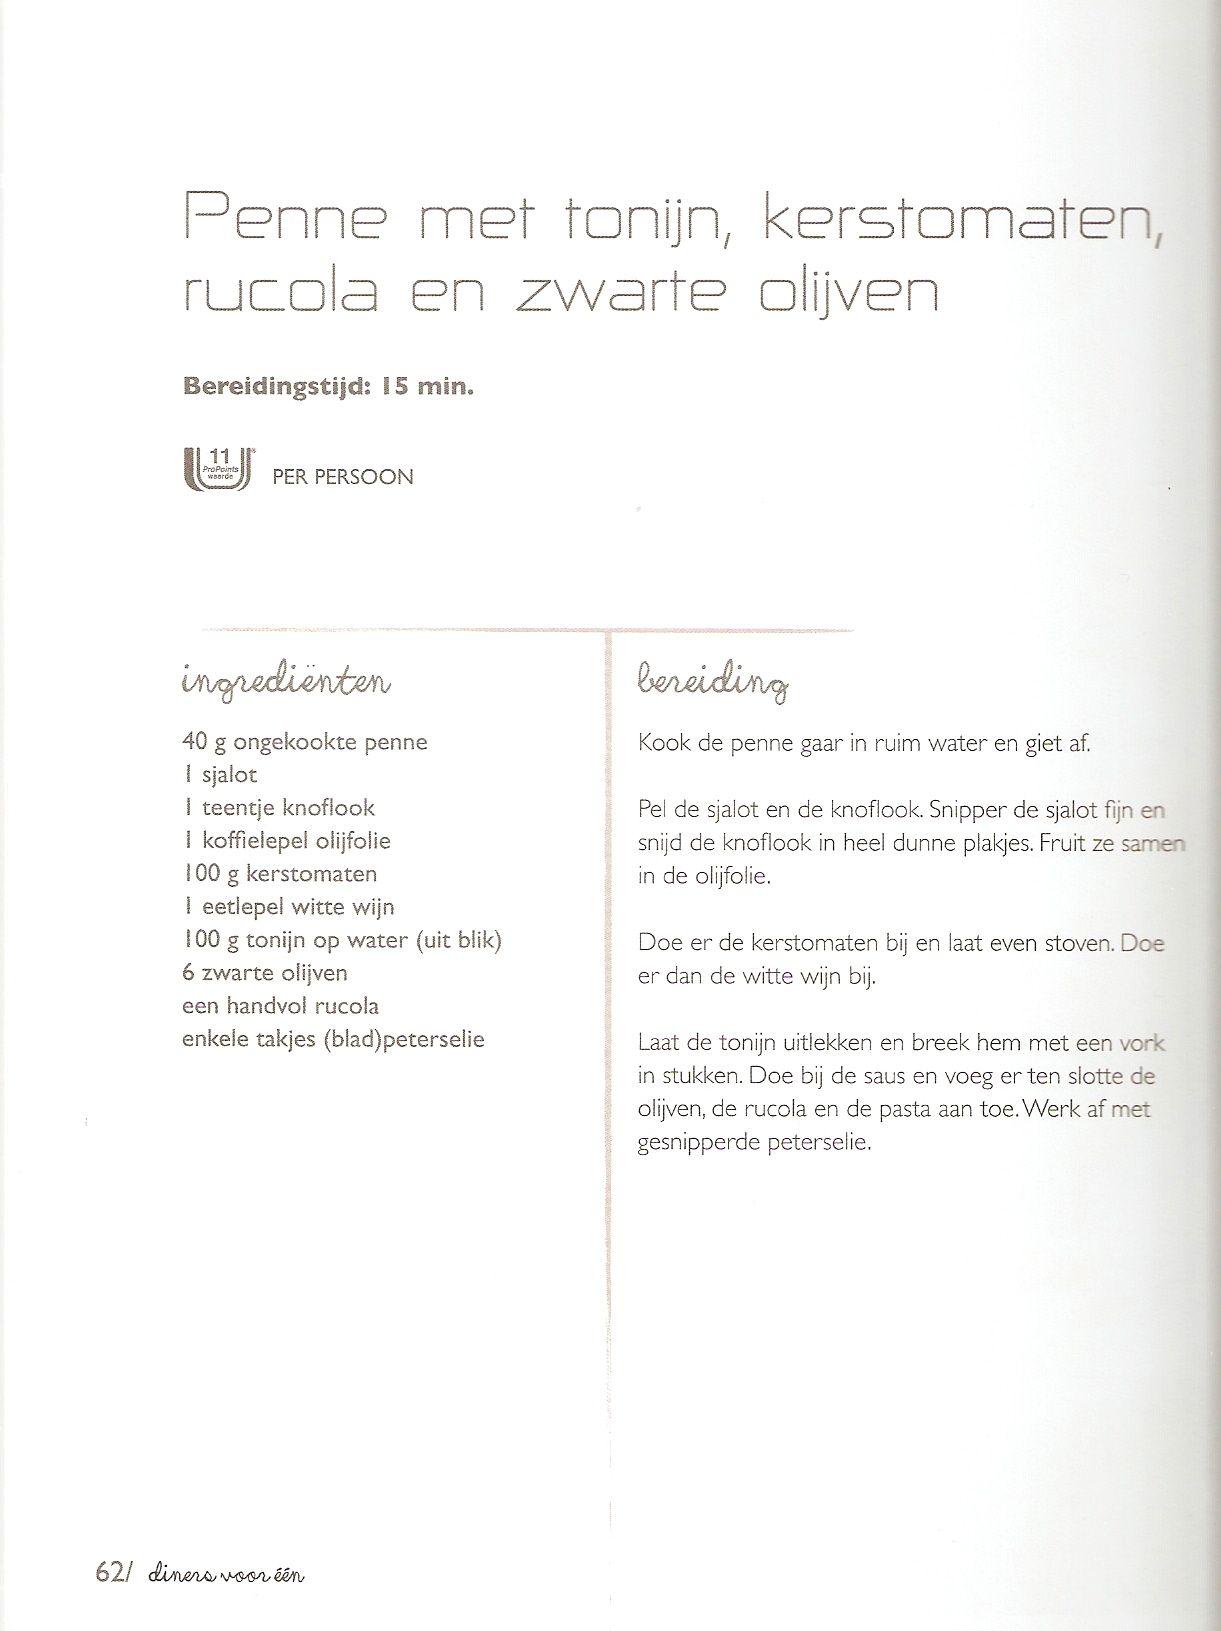 Weight Watchers - Penne met tonijn, kerstomaten, rucola en zwarte olijven